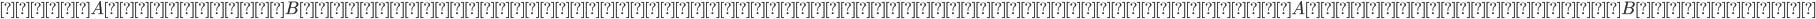 {\displaystyle 次にAに対するBの相対速度だが、これは文字通りに解釈すれば、Aから見たときのBの速度。 }